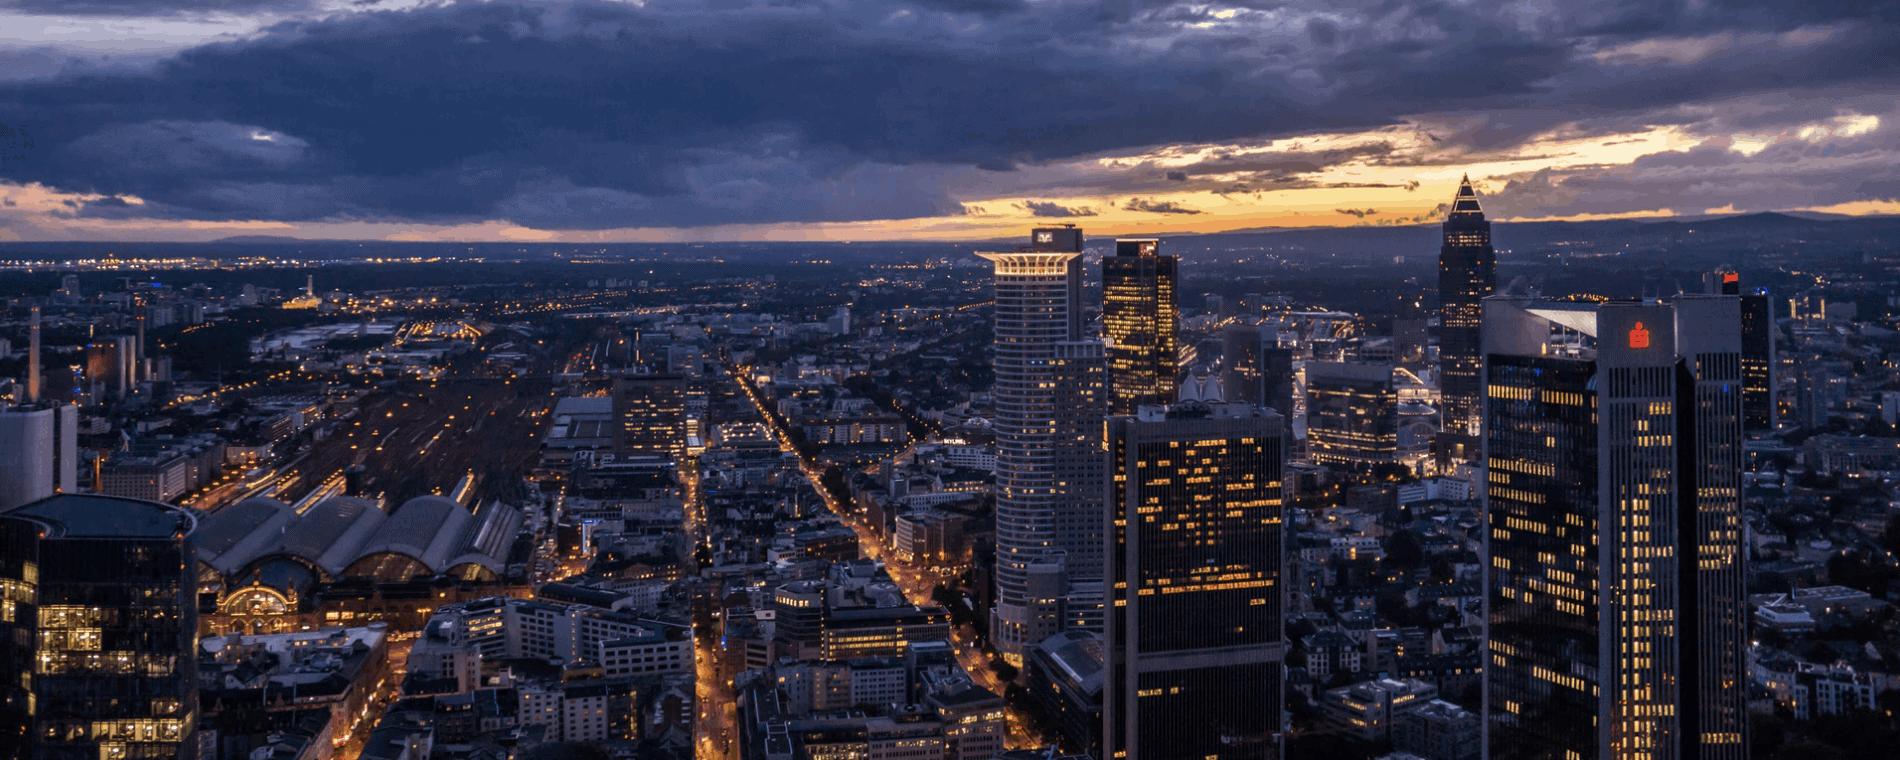 investoren datenbank europa investor finden